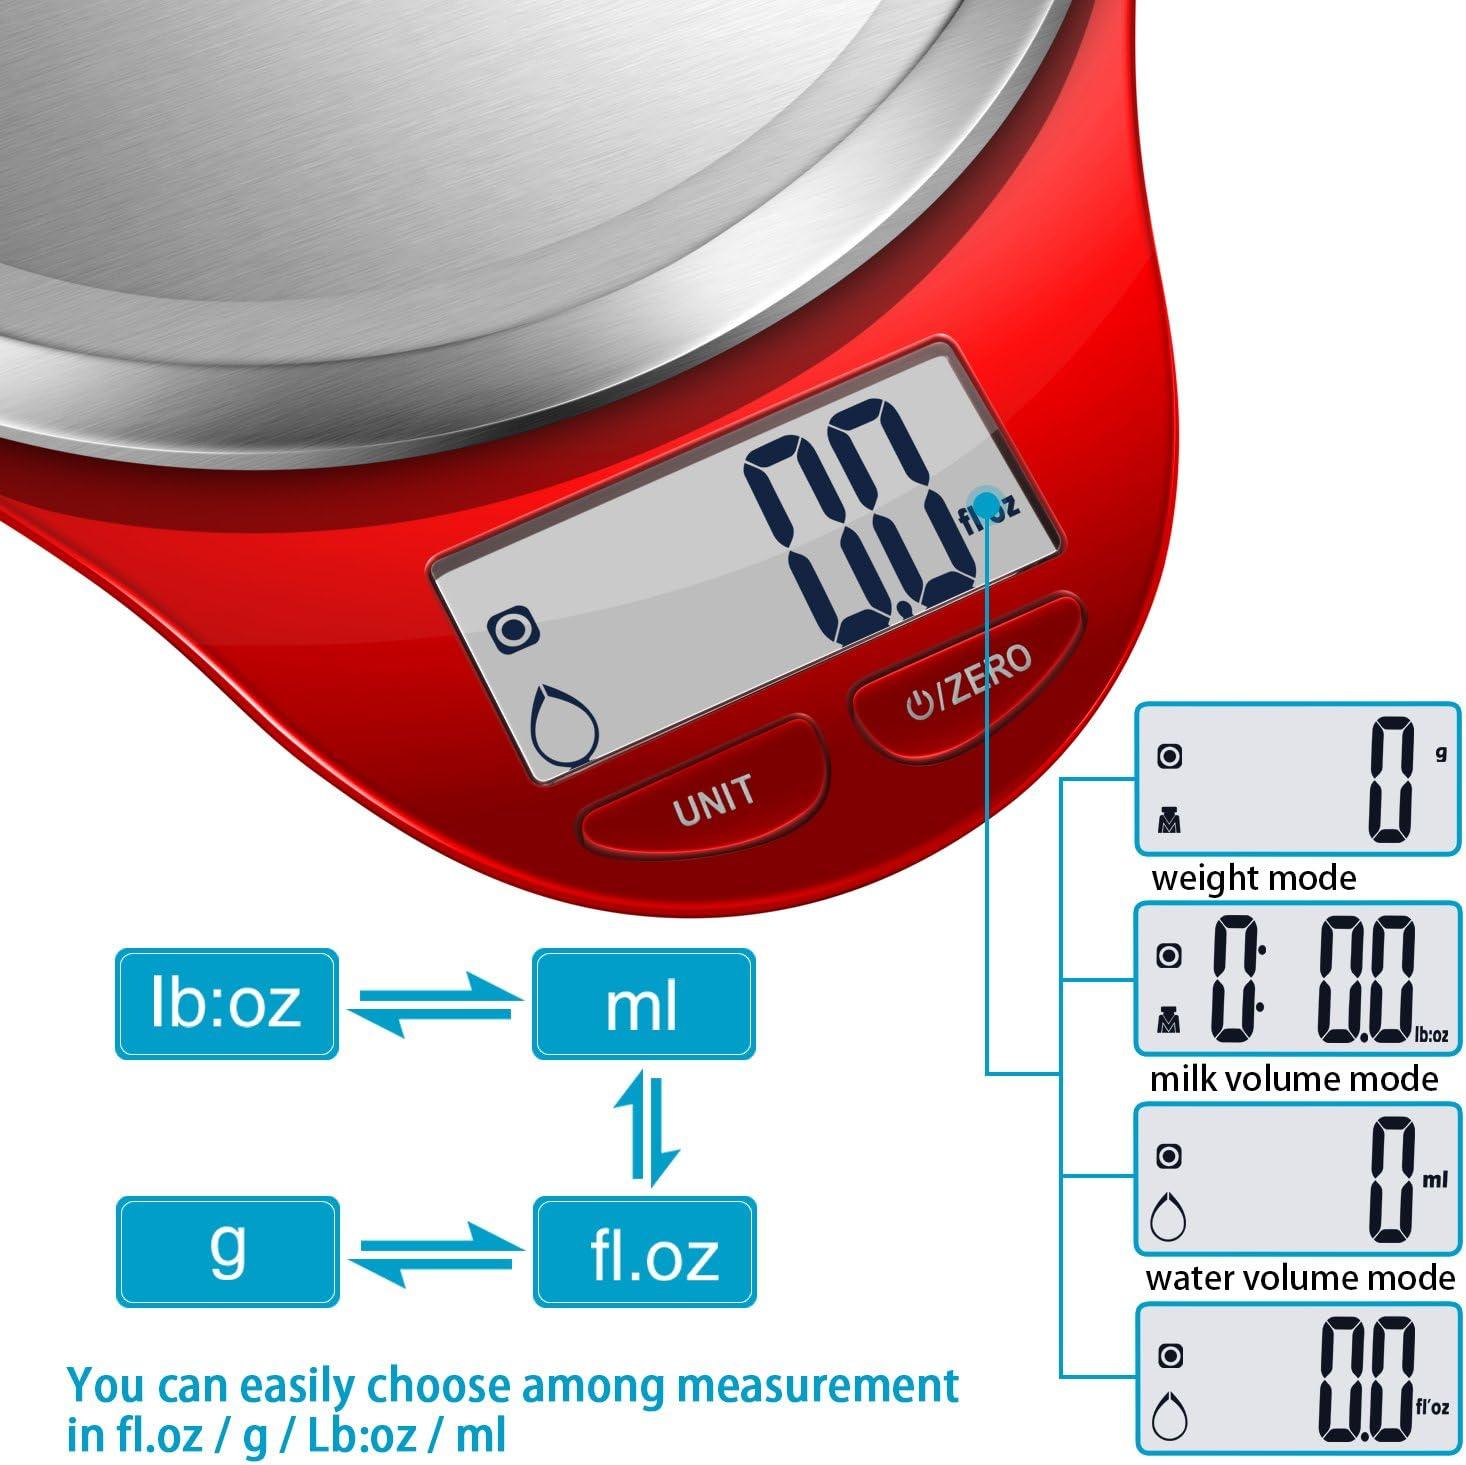 Balance Alimentaire Num/érique Plateforme Acier Inoxydable /Écran LCD Light Pink Auto-Arr/êt 5kg//11lb,Haute Pr/écision,Fonction Tare CAMRY Balance de Cuisine Electronique